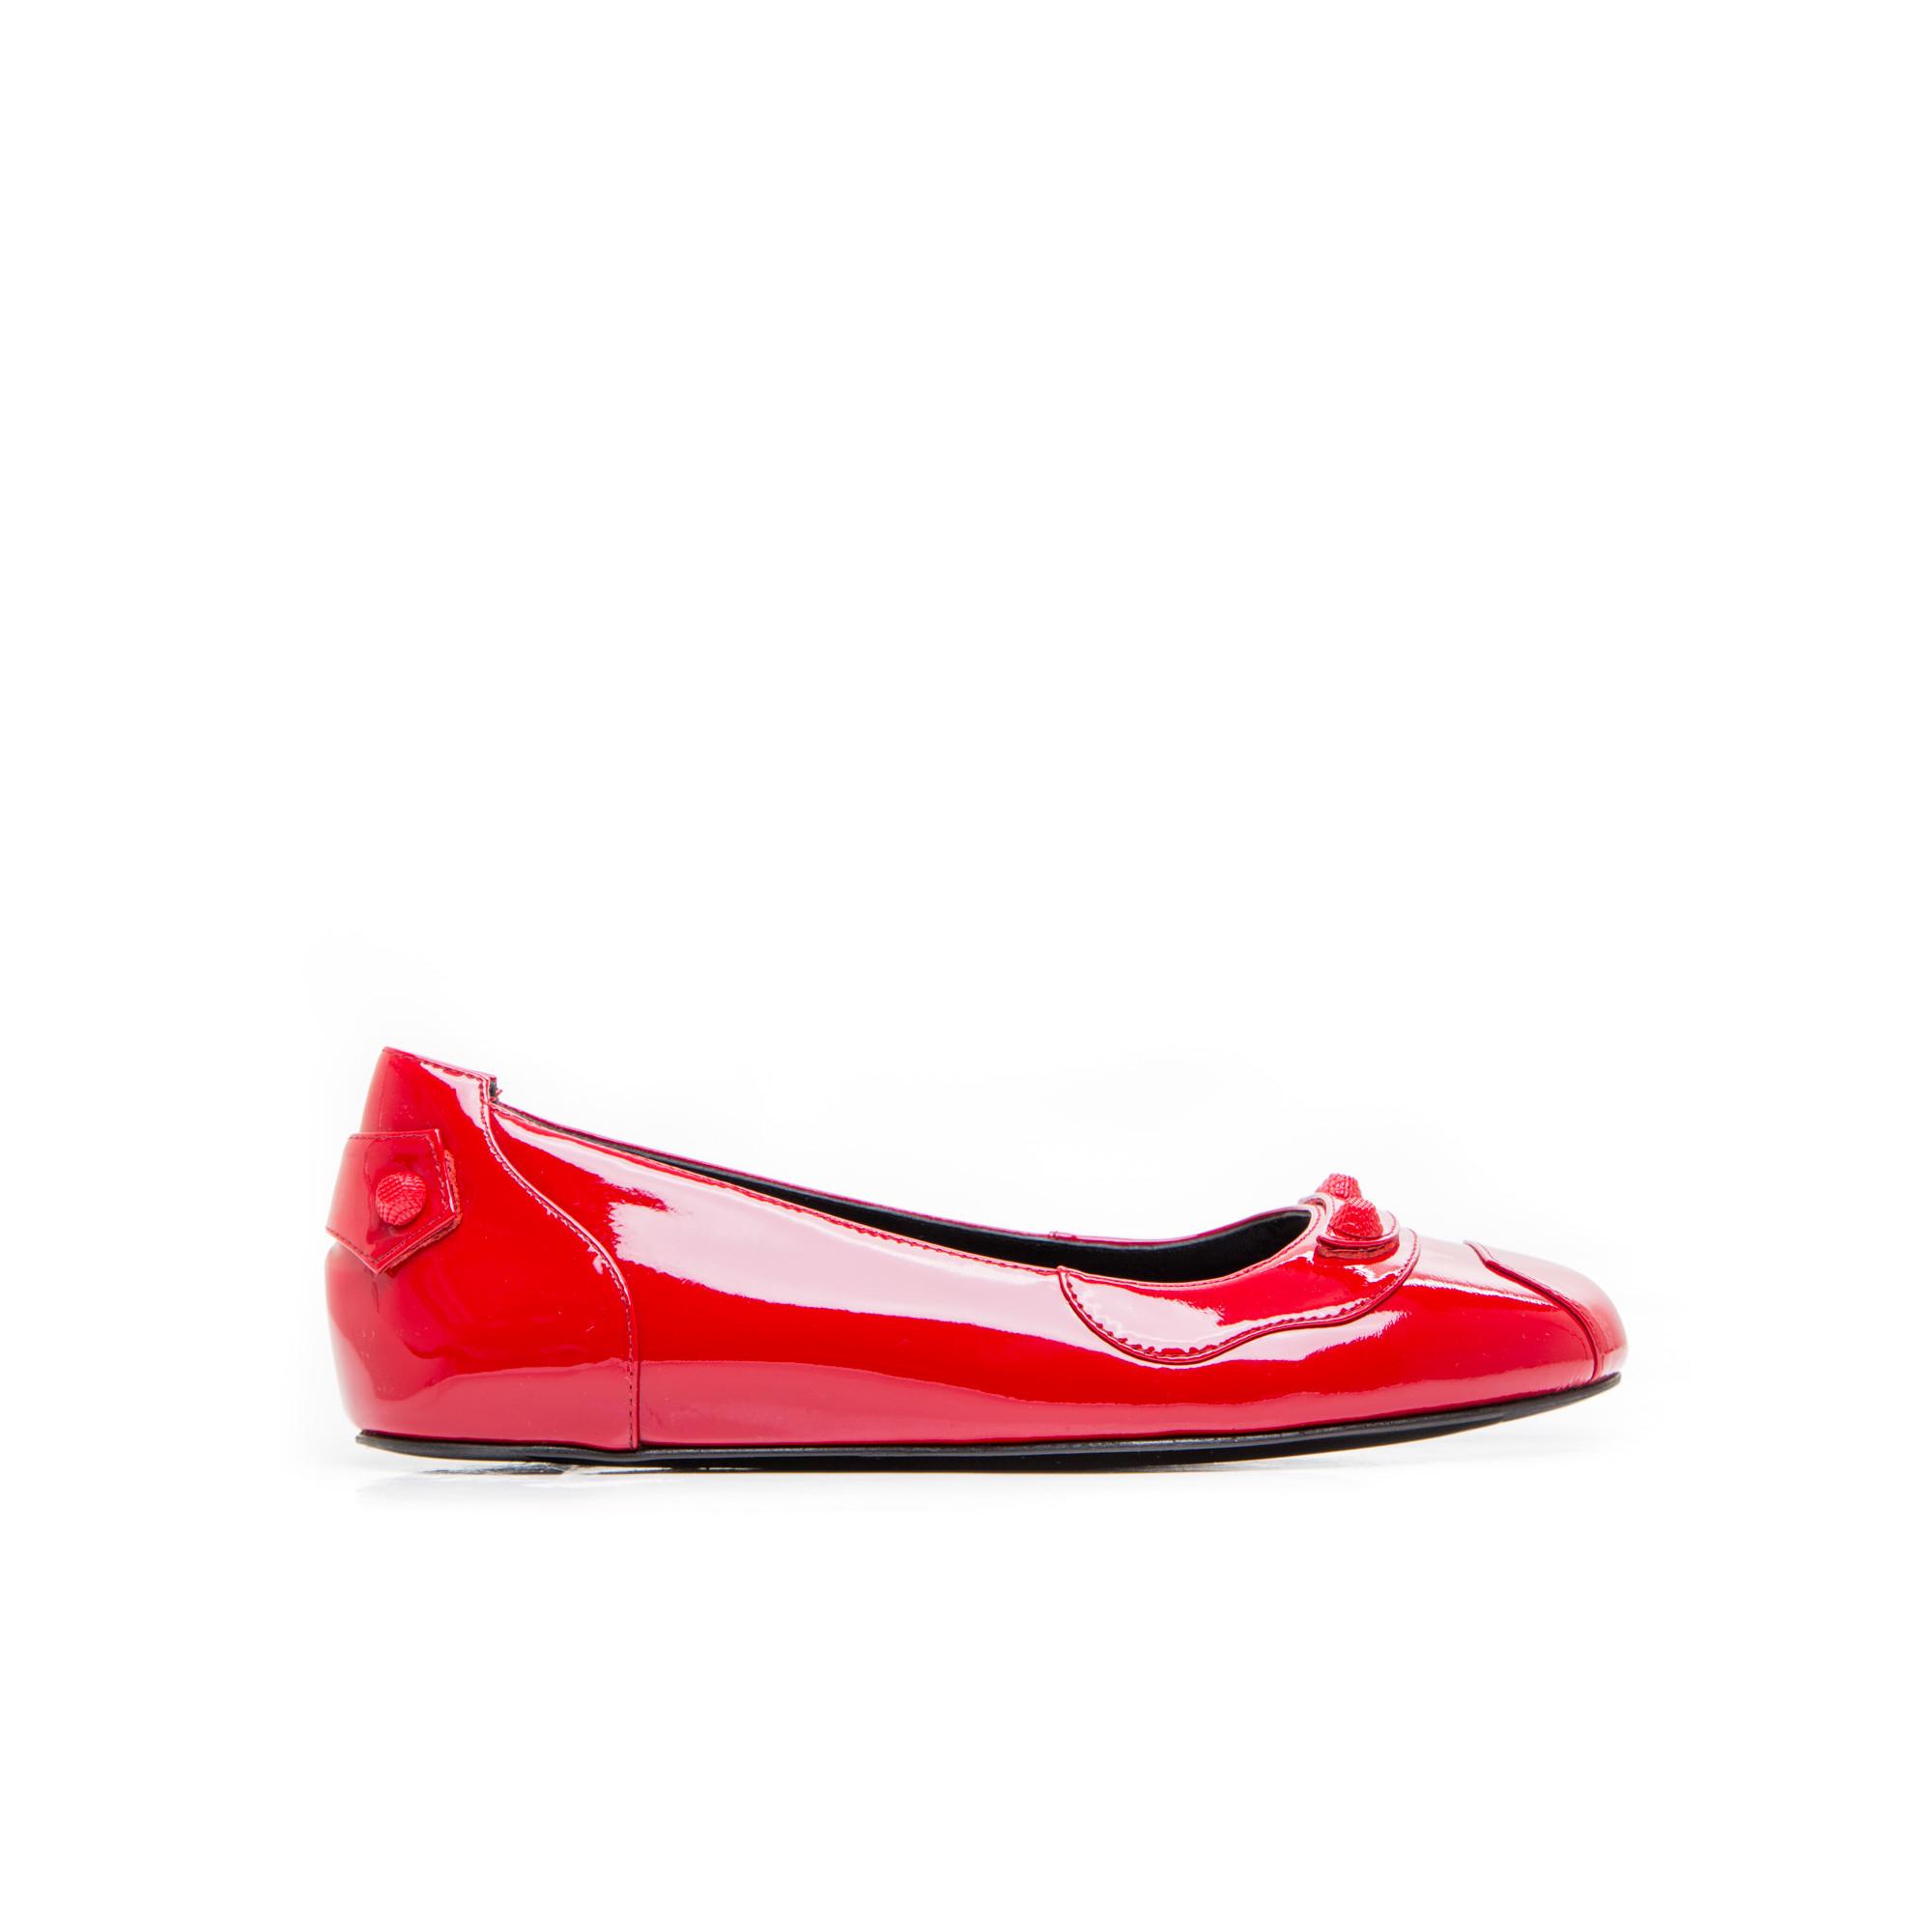 Balenciaga Schoenen Rood